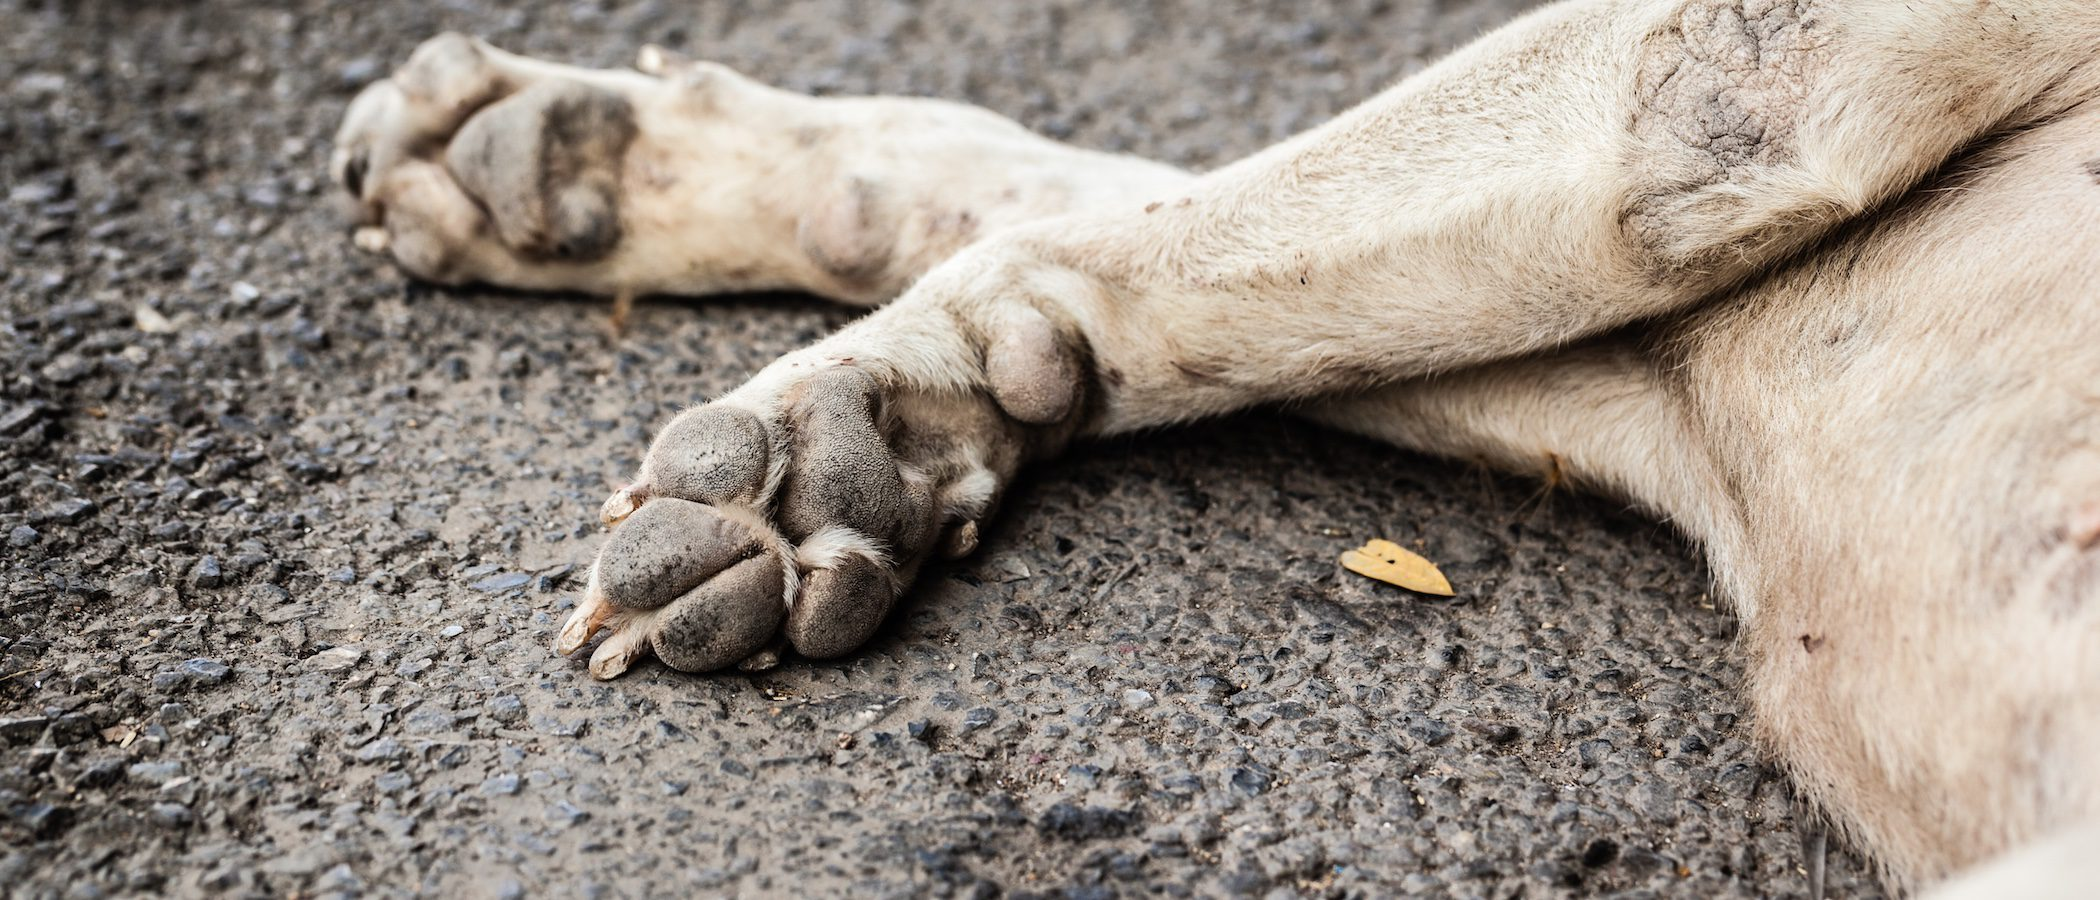 ¿Dónde entierro a mi perro?